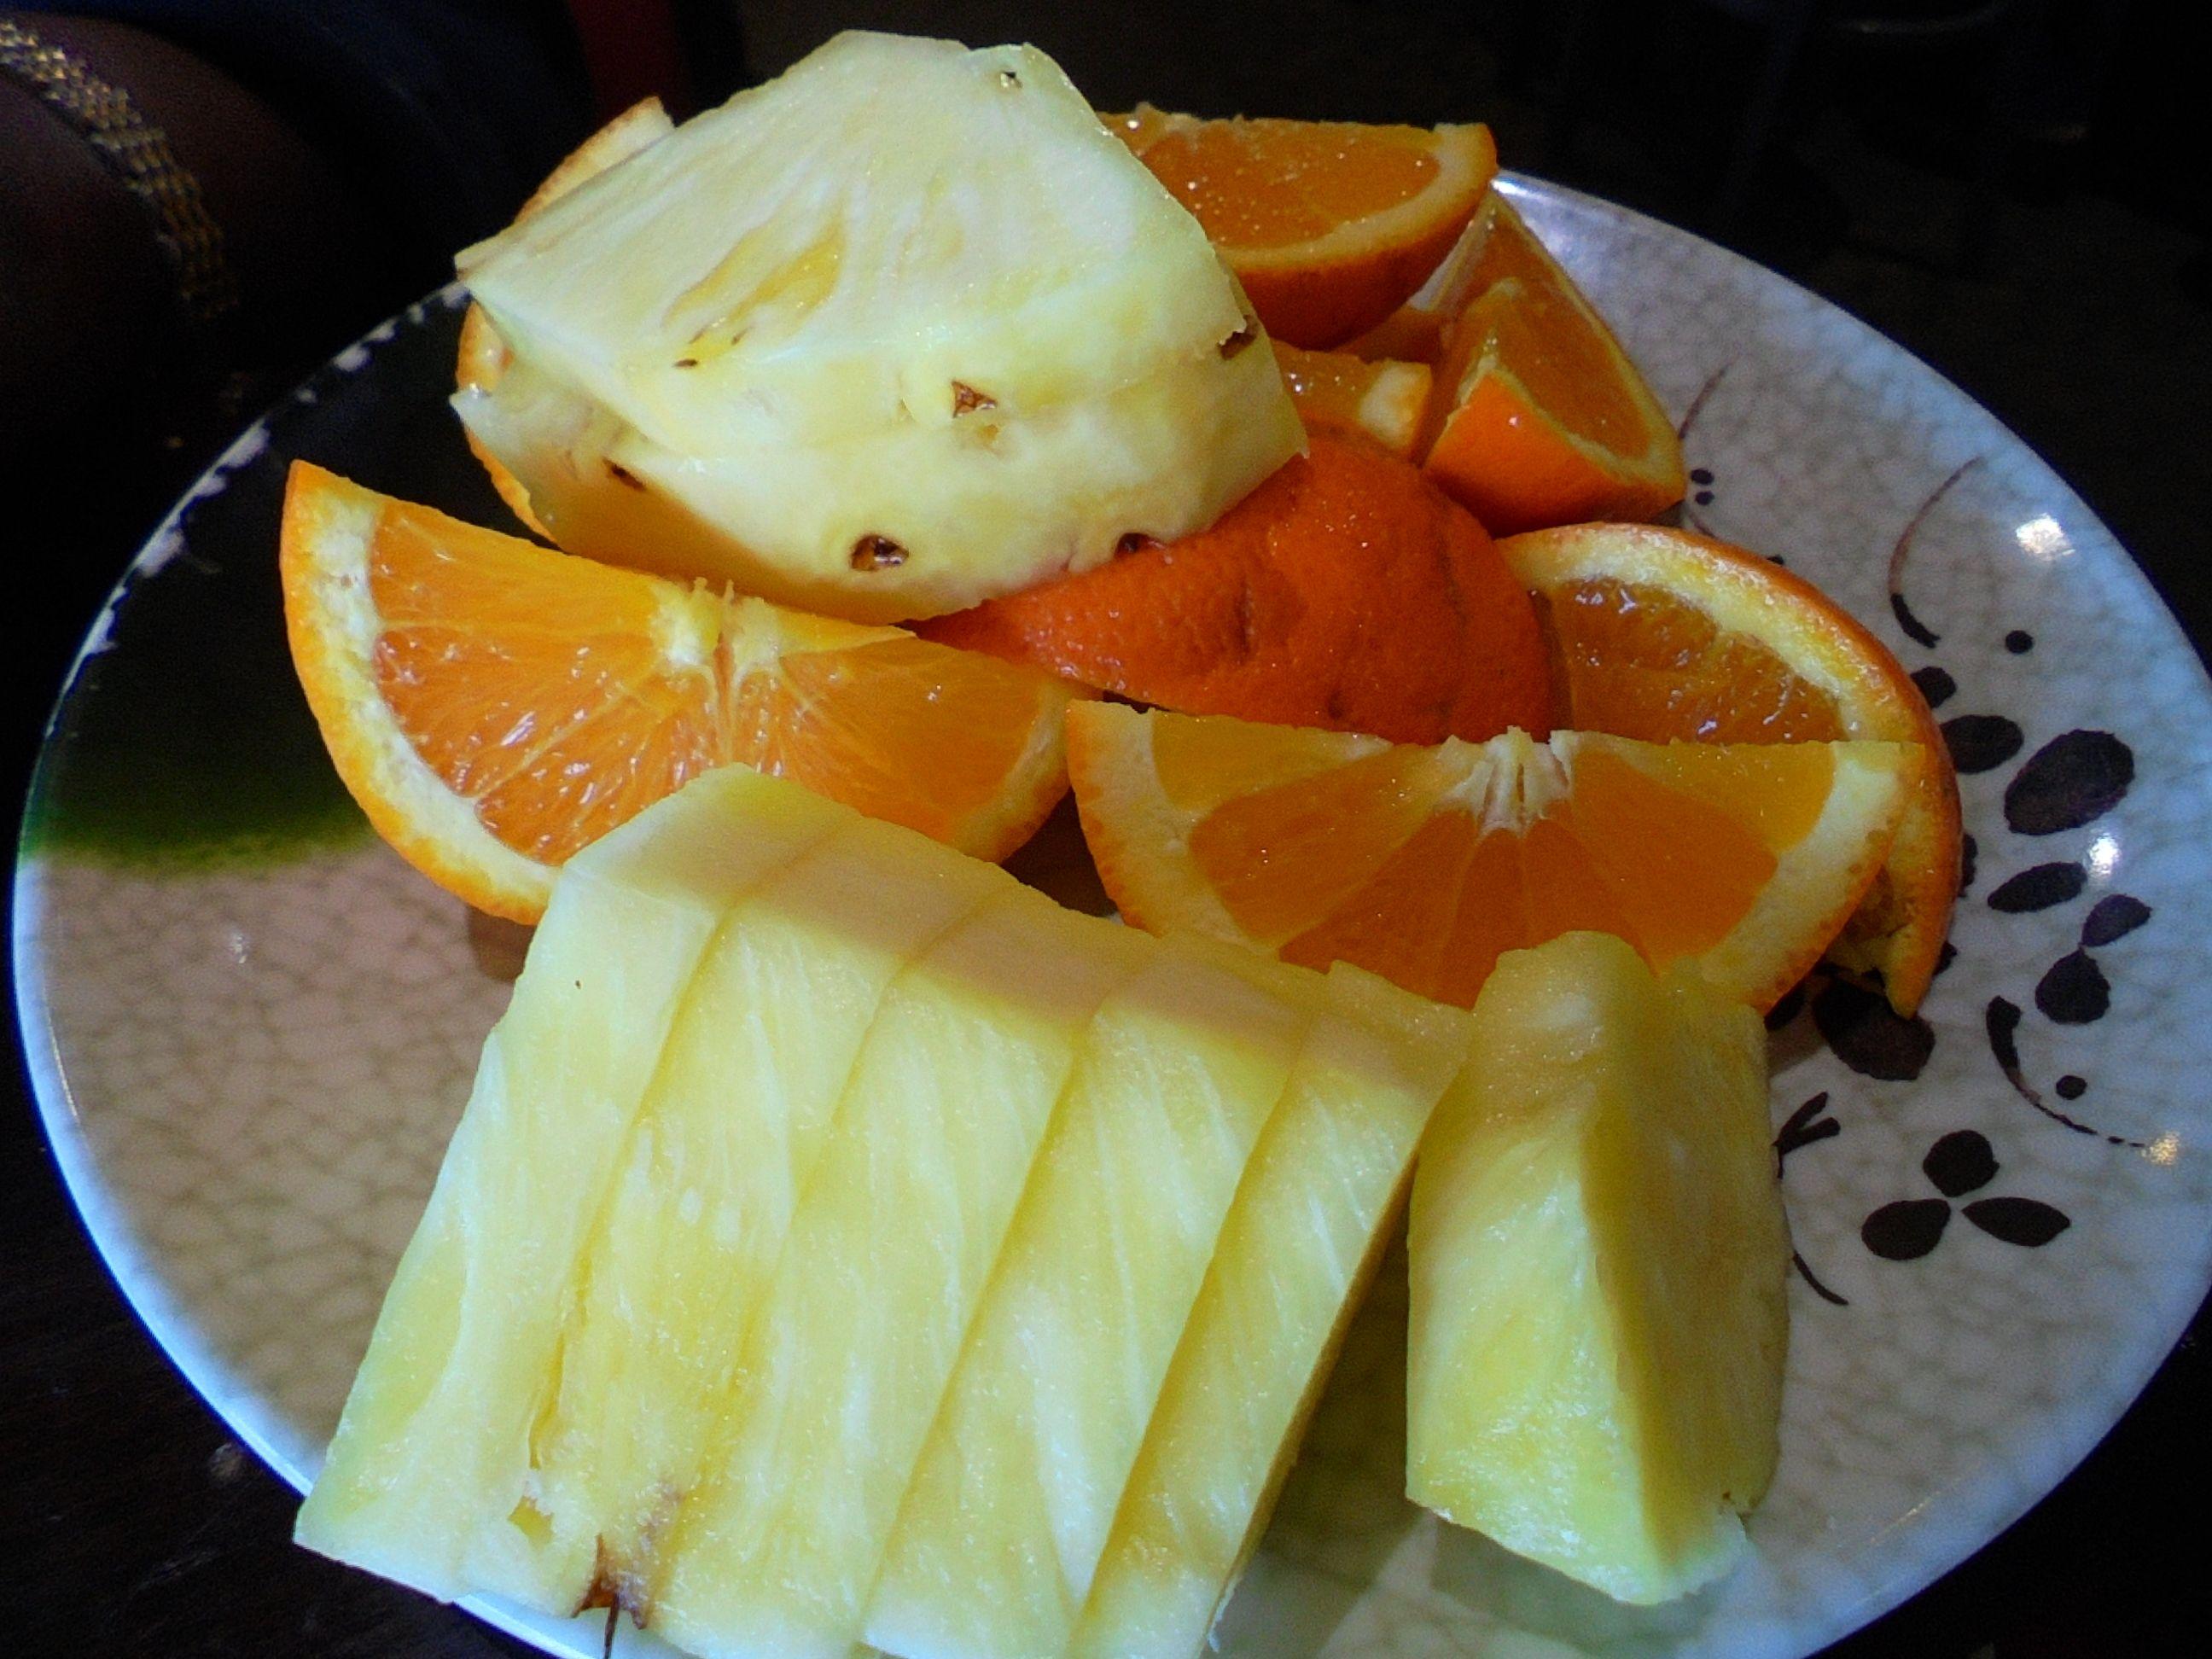 #Fresh #sliced #dessert / #Orange and #Pineapple